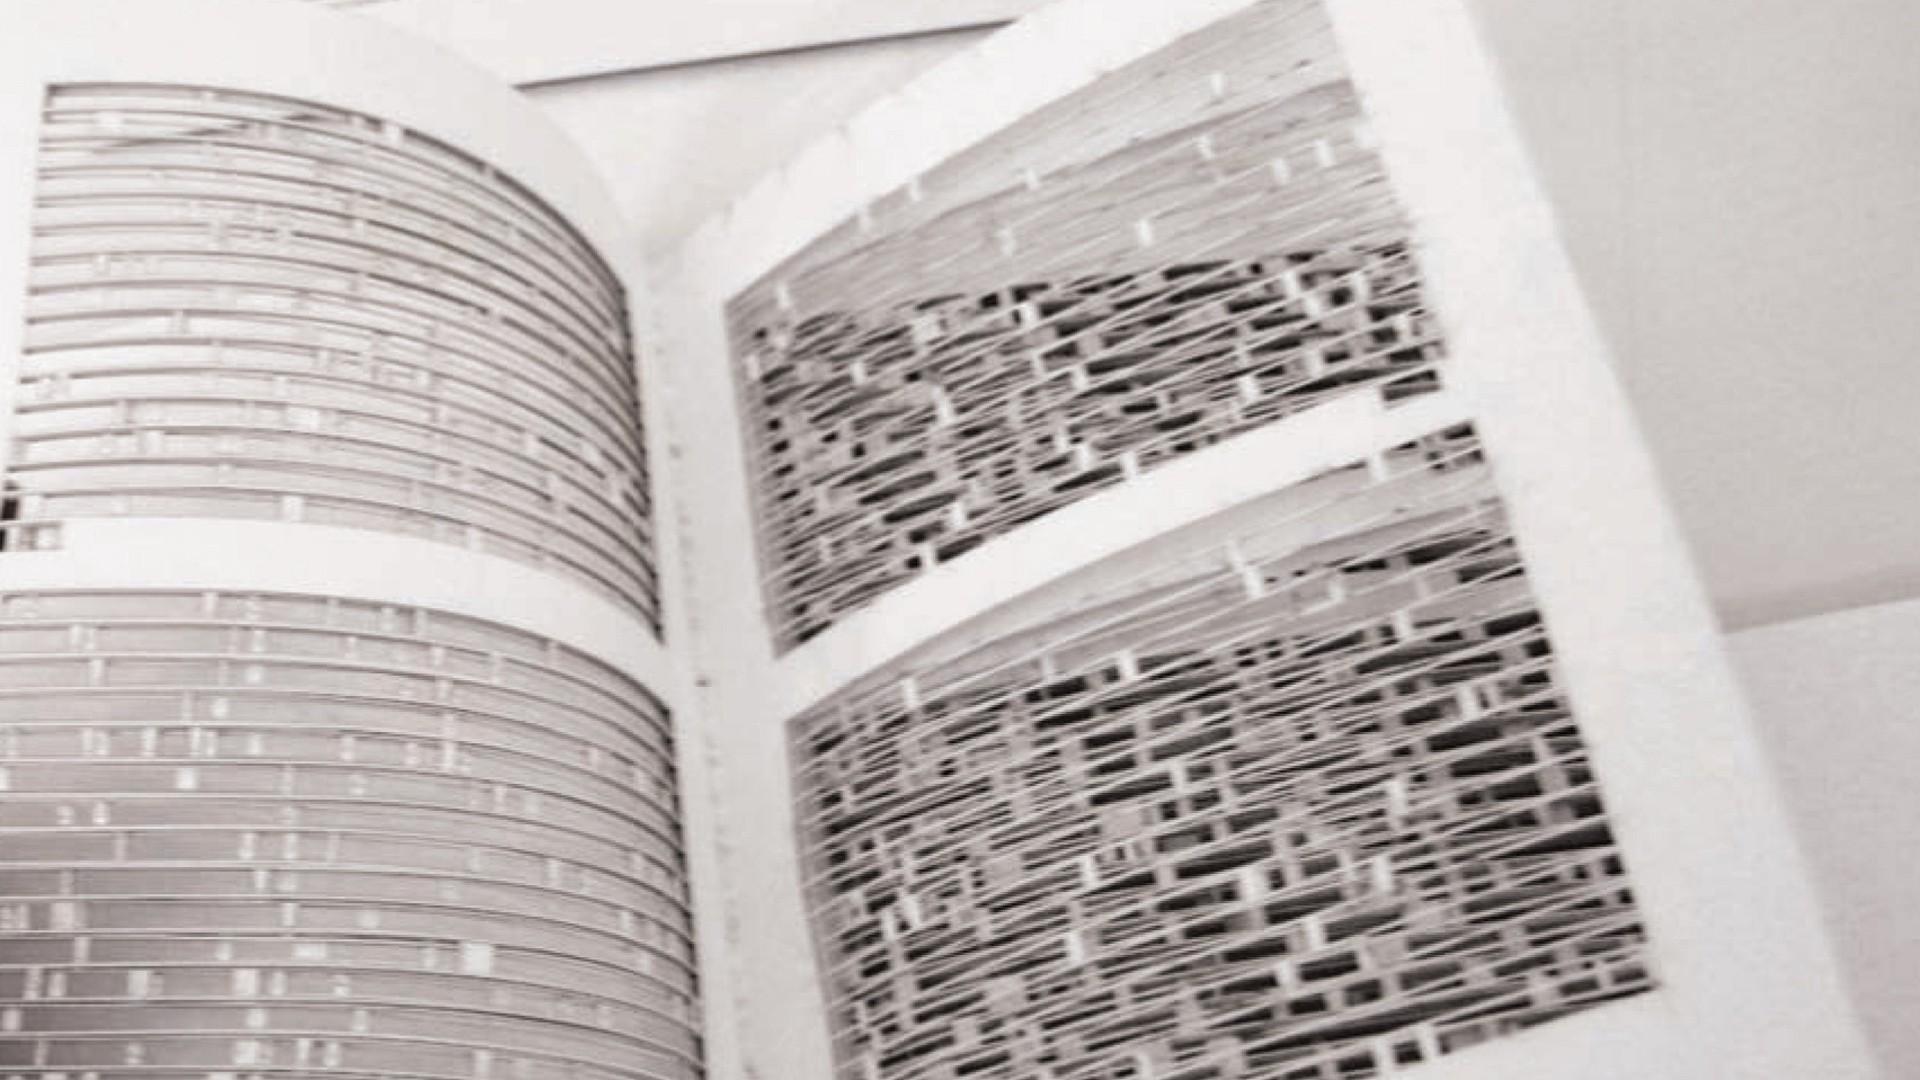 Izložba: Umetnikova knjiga